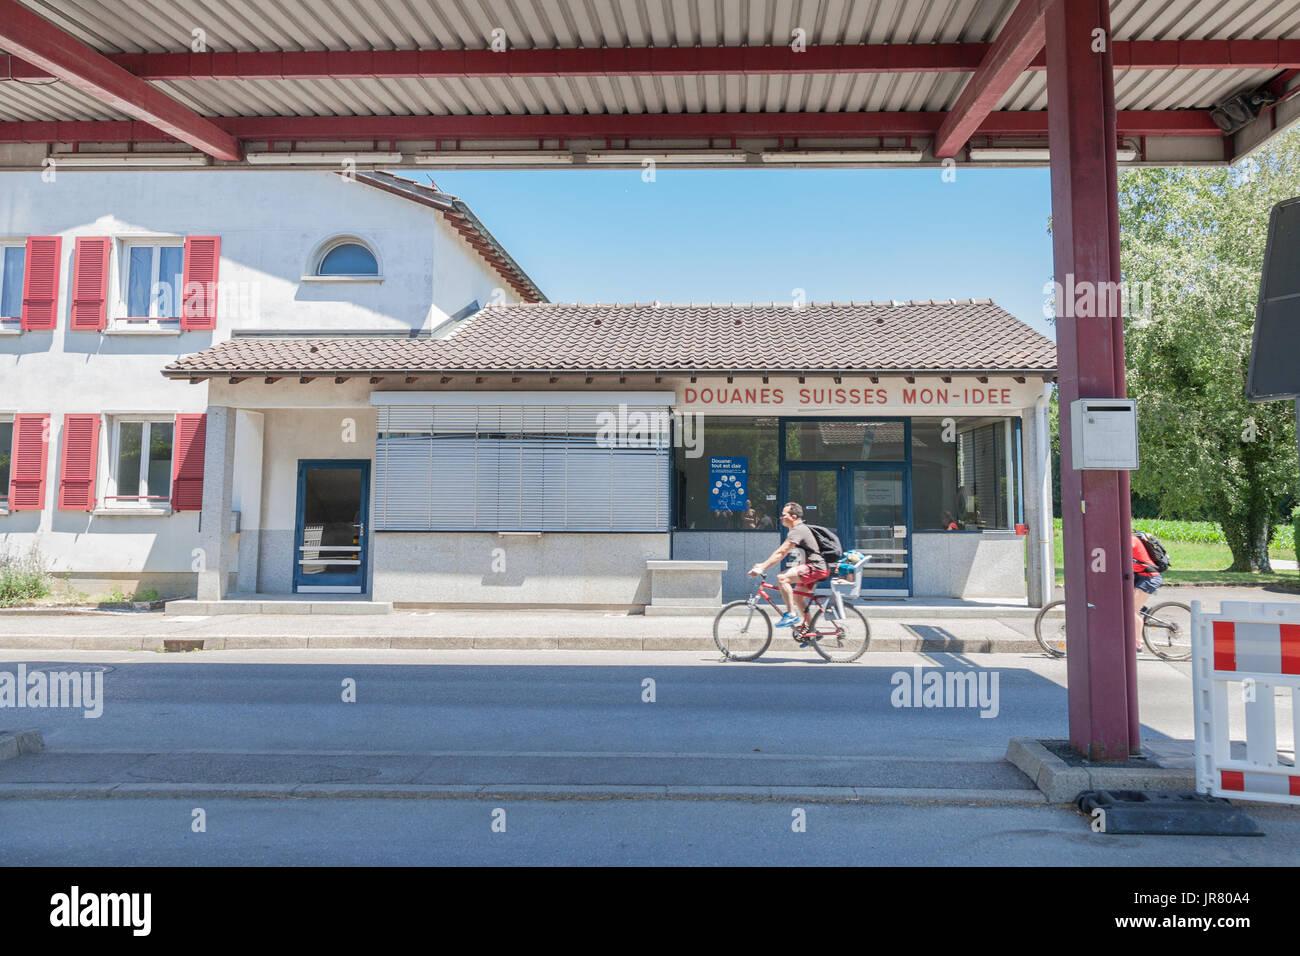 Mo IDEE, Schweiz - 18. Juni 2017: Menschen betreten Switerland aus Frankreich in Mon Idee, eine verlassene Grenzübergang aus dem Schweizer Zoll geschlossen Stockbild